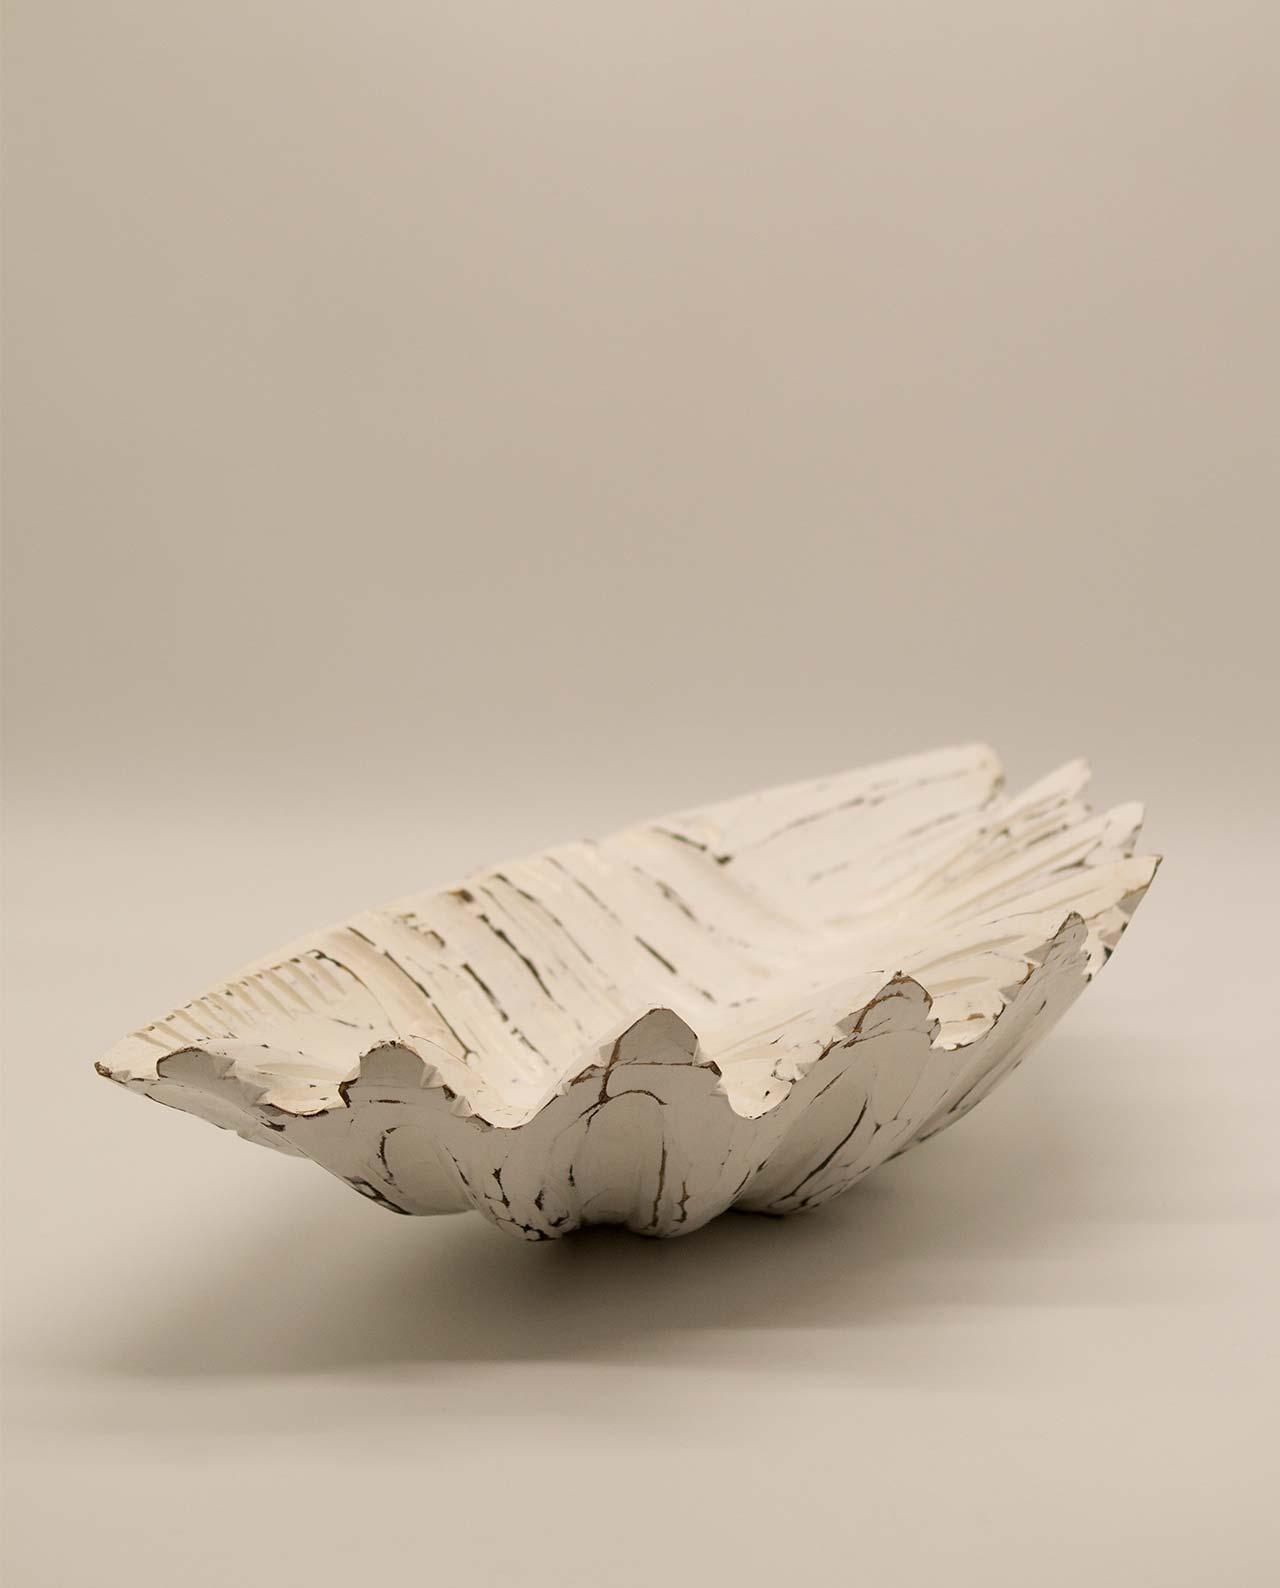 Μπωλ ξύλινο αχιβάδα άσπρη ντεκαπέ